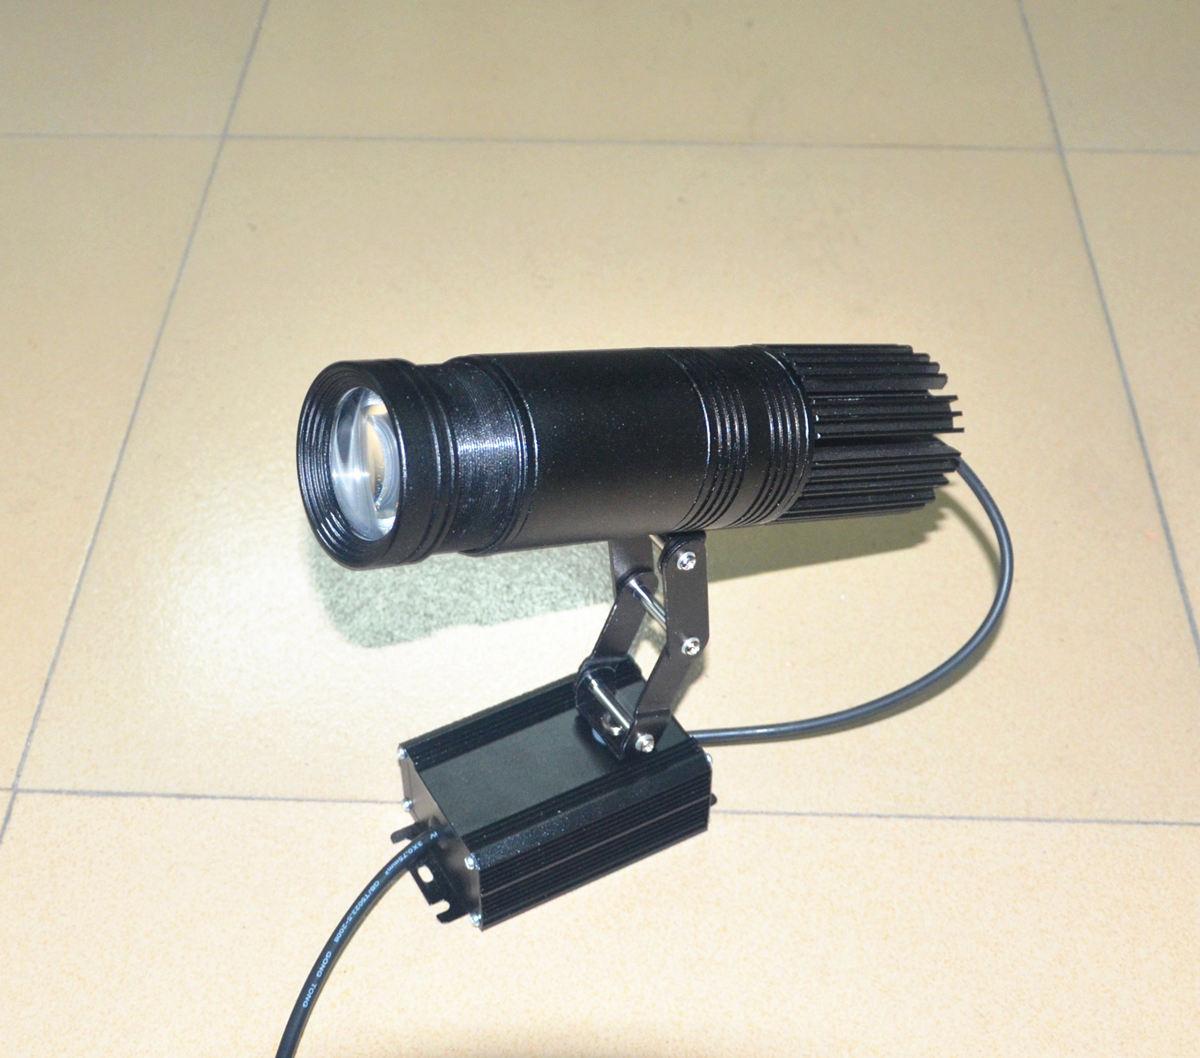 高质量的投影灯|可信赖的投影灯品牌推荐